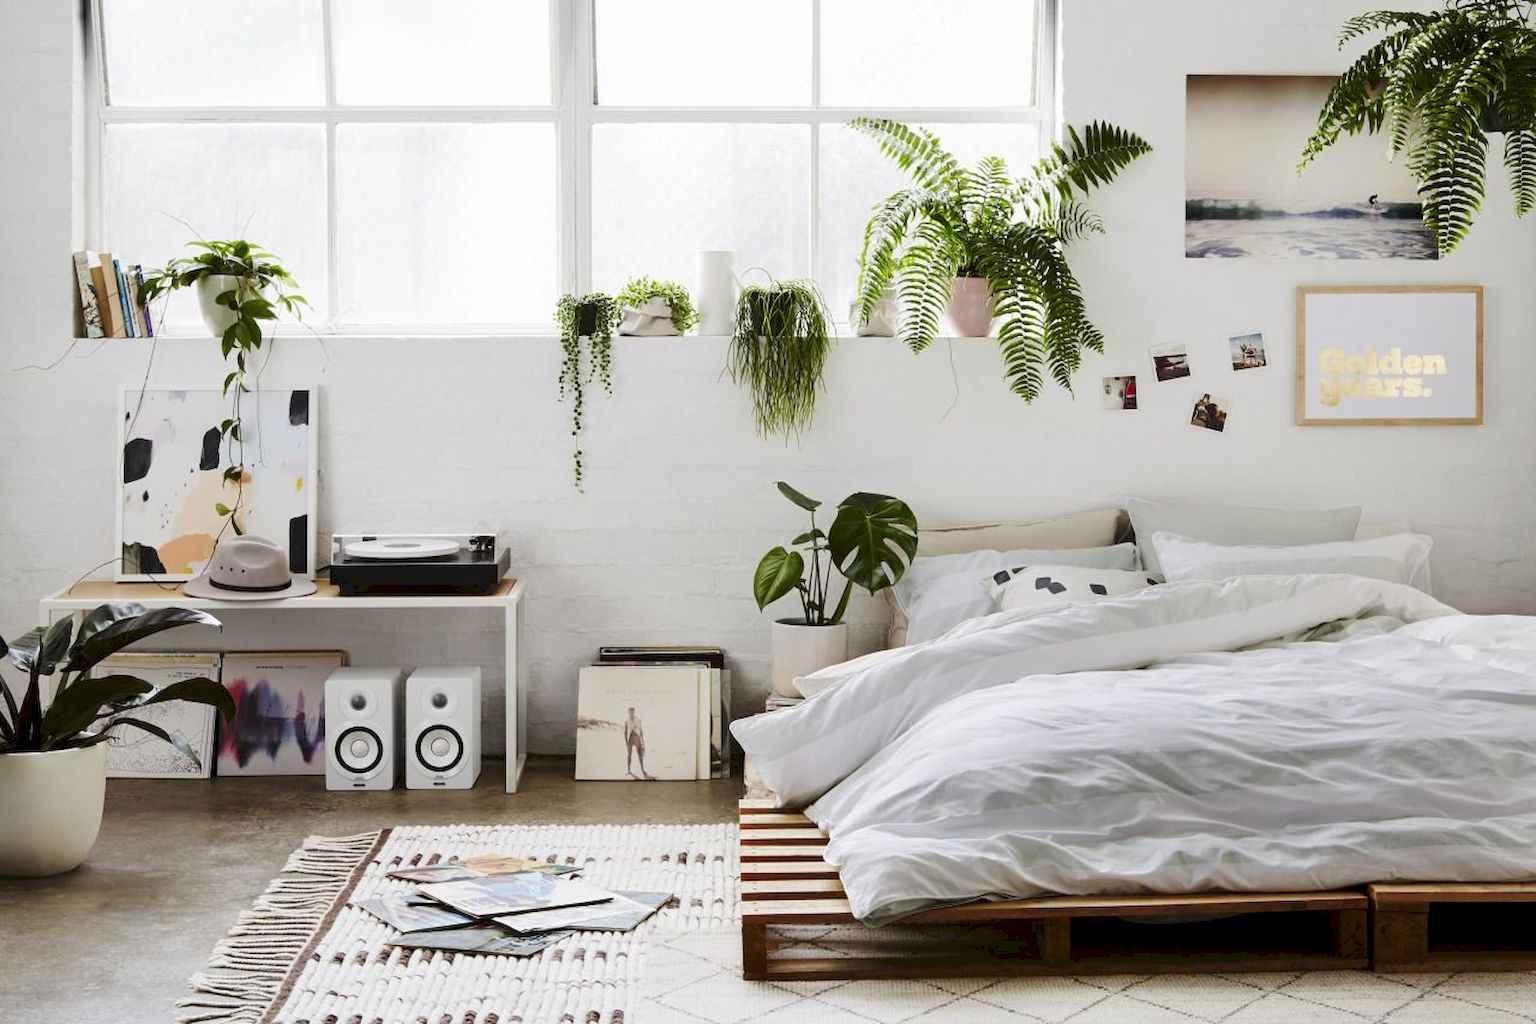 trang trí phòng ngủ đón tết